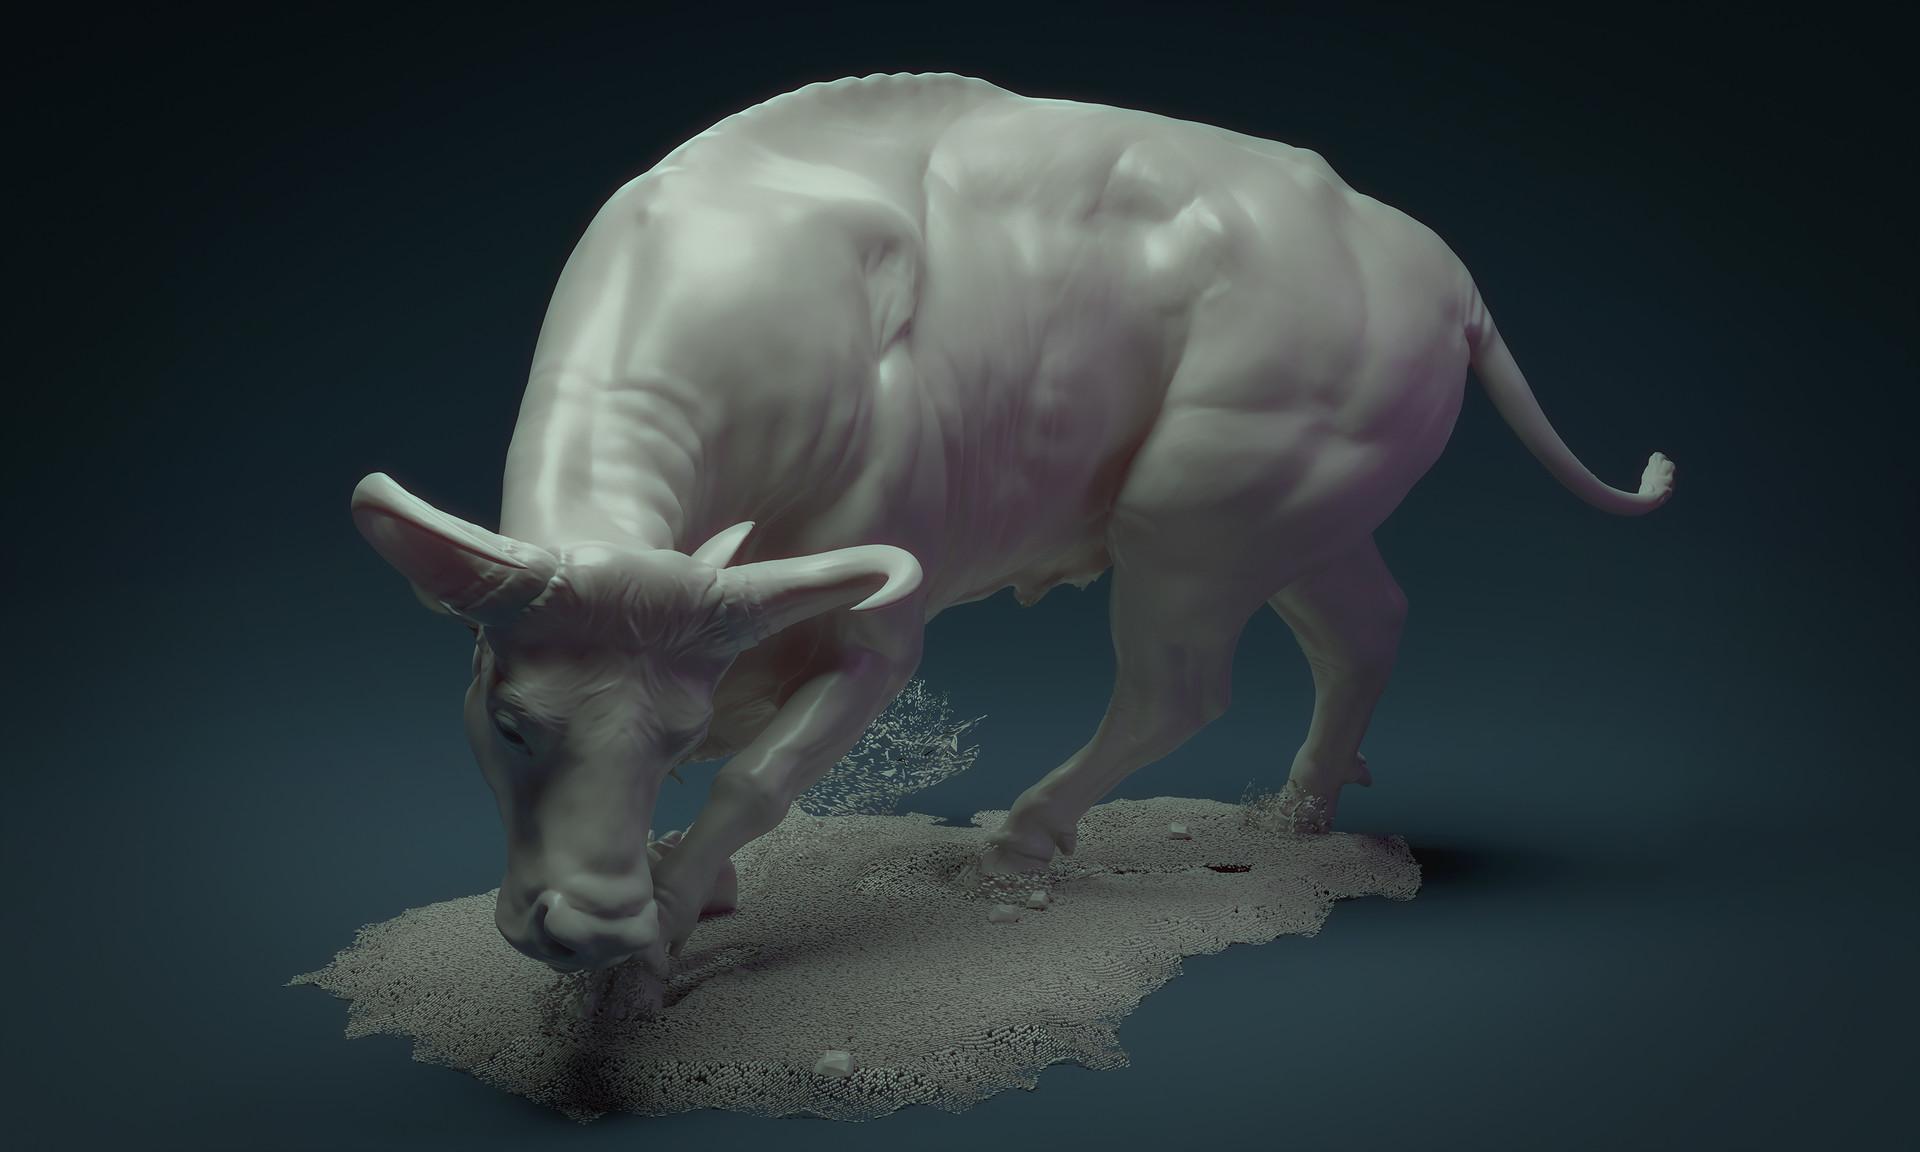 Denis udalov bullprint